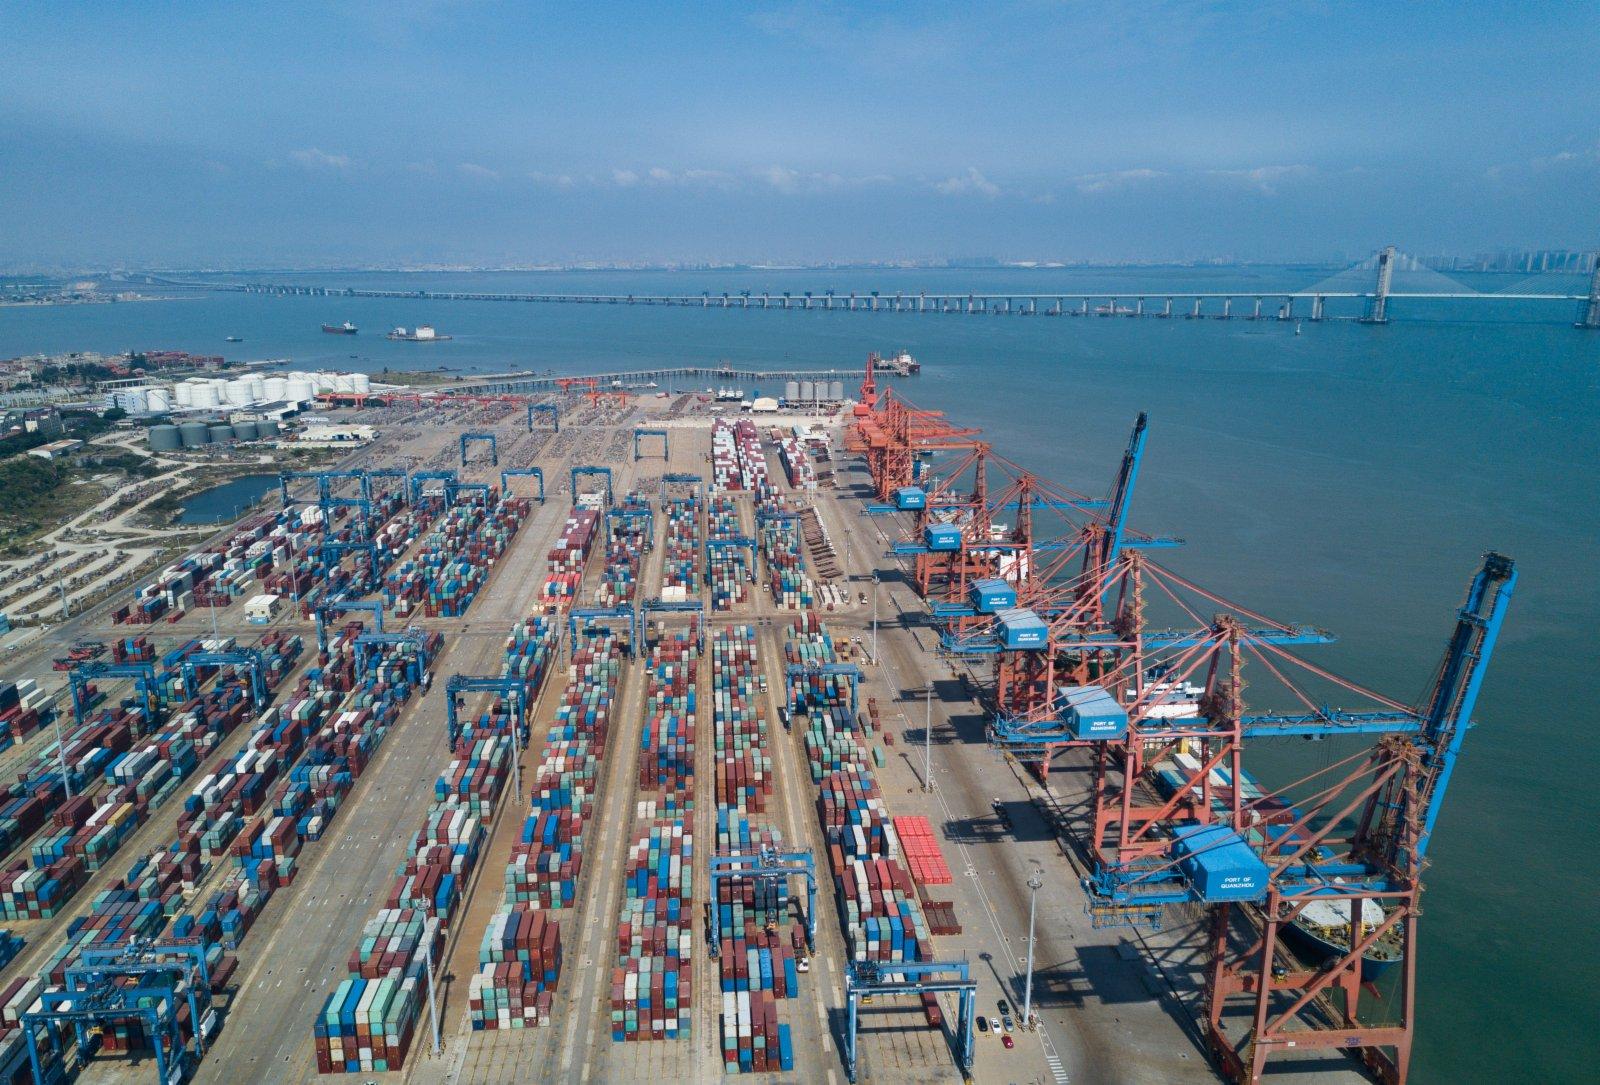 在泉州最主要的現代集裝箱港石獅石湖港,大型機械在吊裝集裝箱。